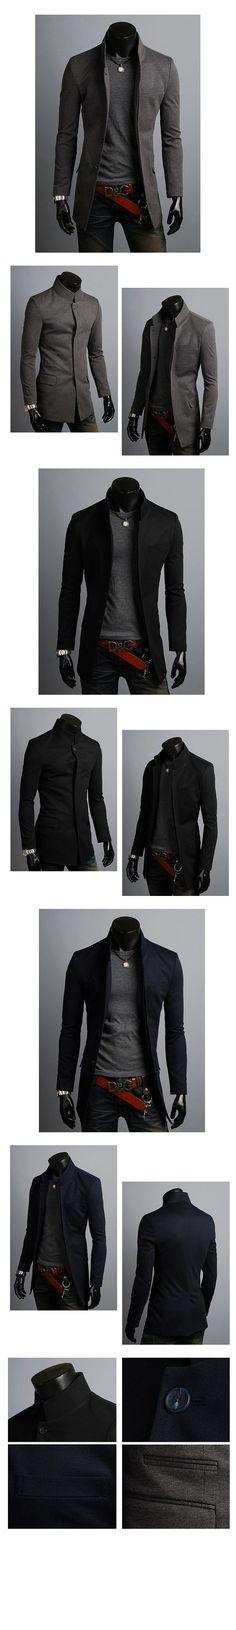 """Le style """"chic"""" de ce modèle pourrait inspirer un vêtement technique """"fit"""" très urbain..."""